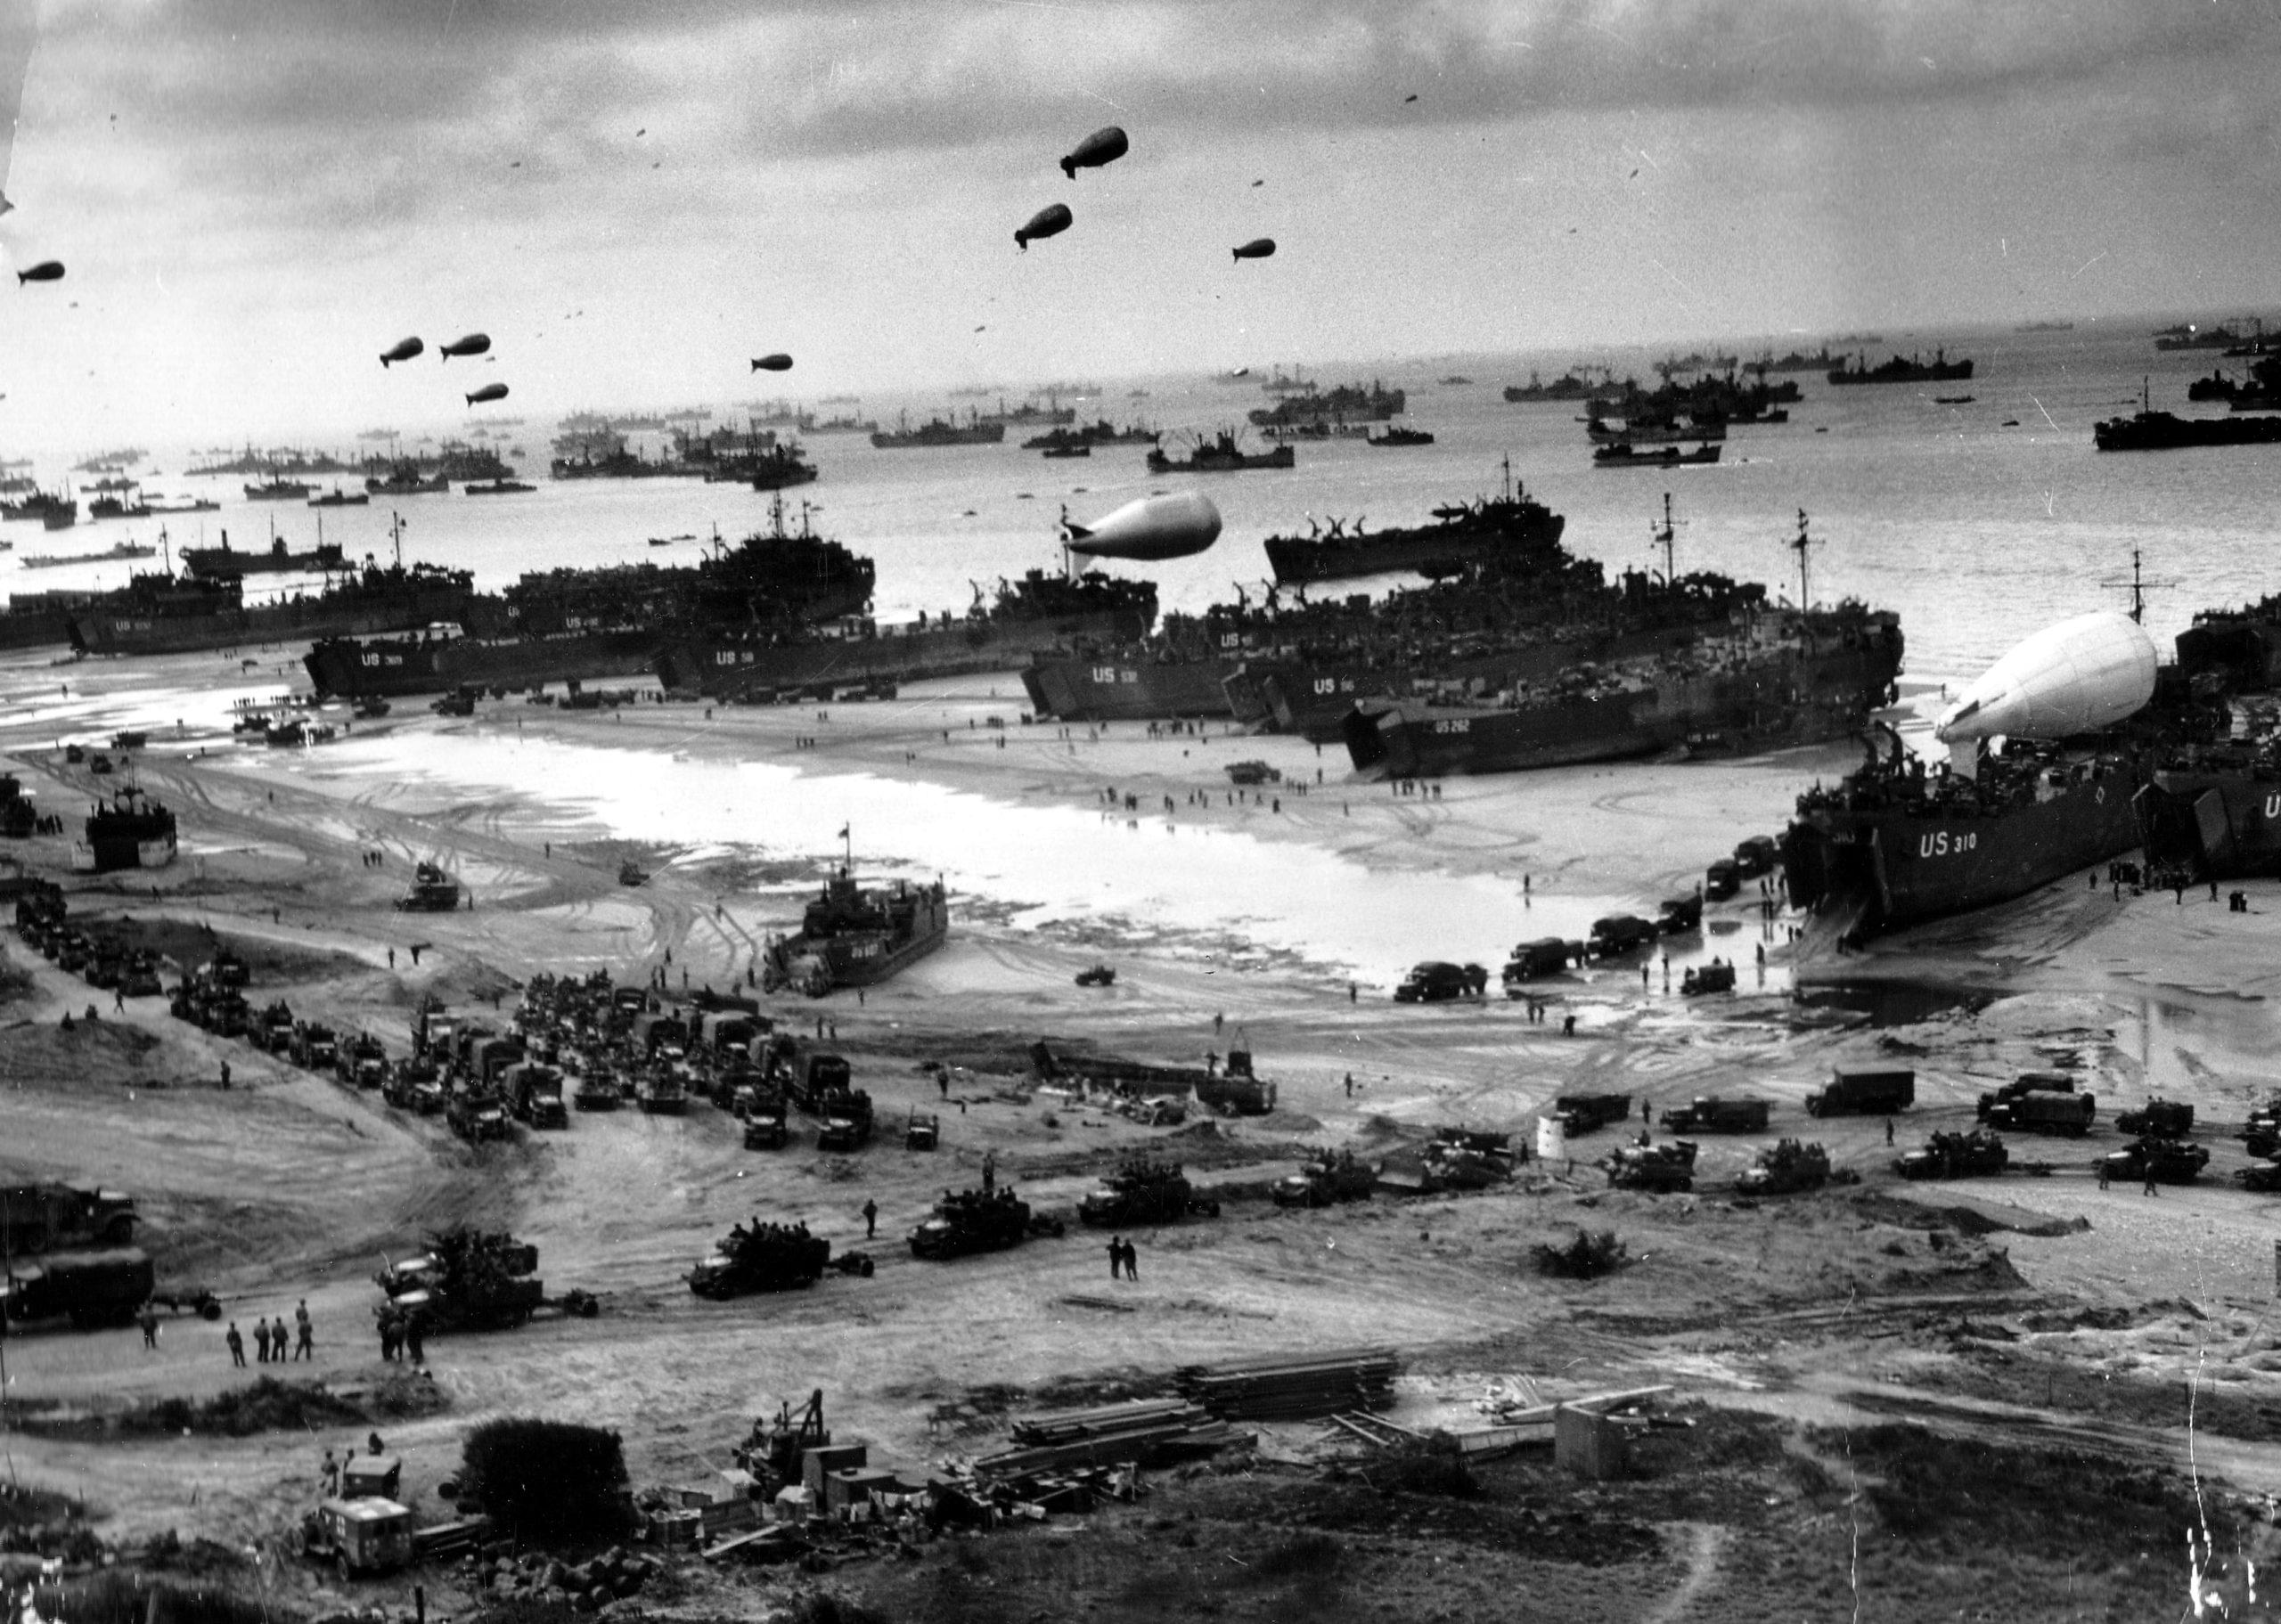 عملية - عمليات النزول على ساحل النورماندي - غزو كبير عبر القناة الإنكليزية - تحرير الحلفاء لغرب أوروبا من سيطرة ألمانيا النازية